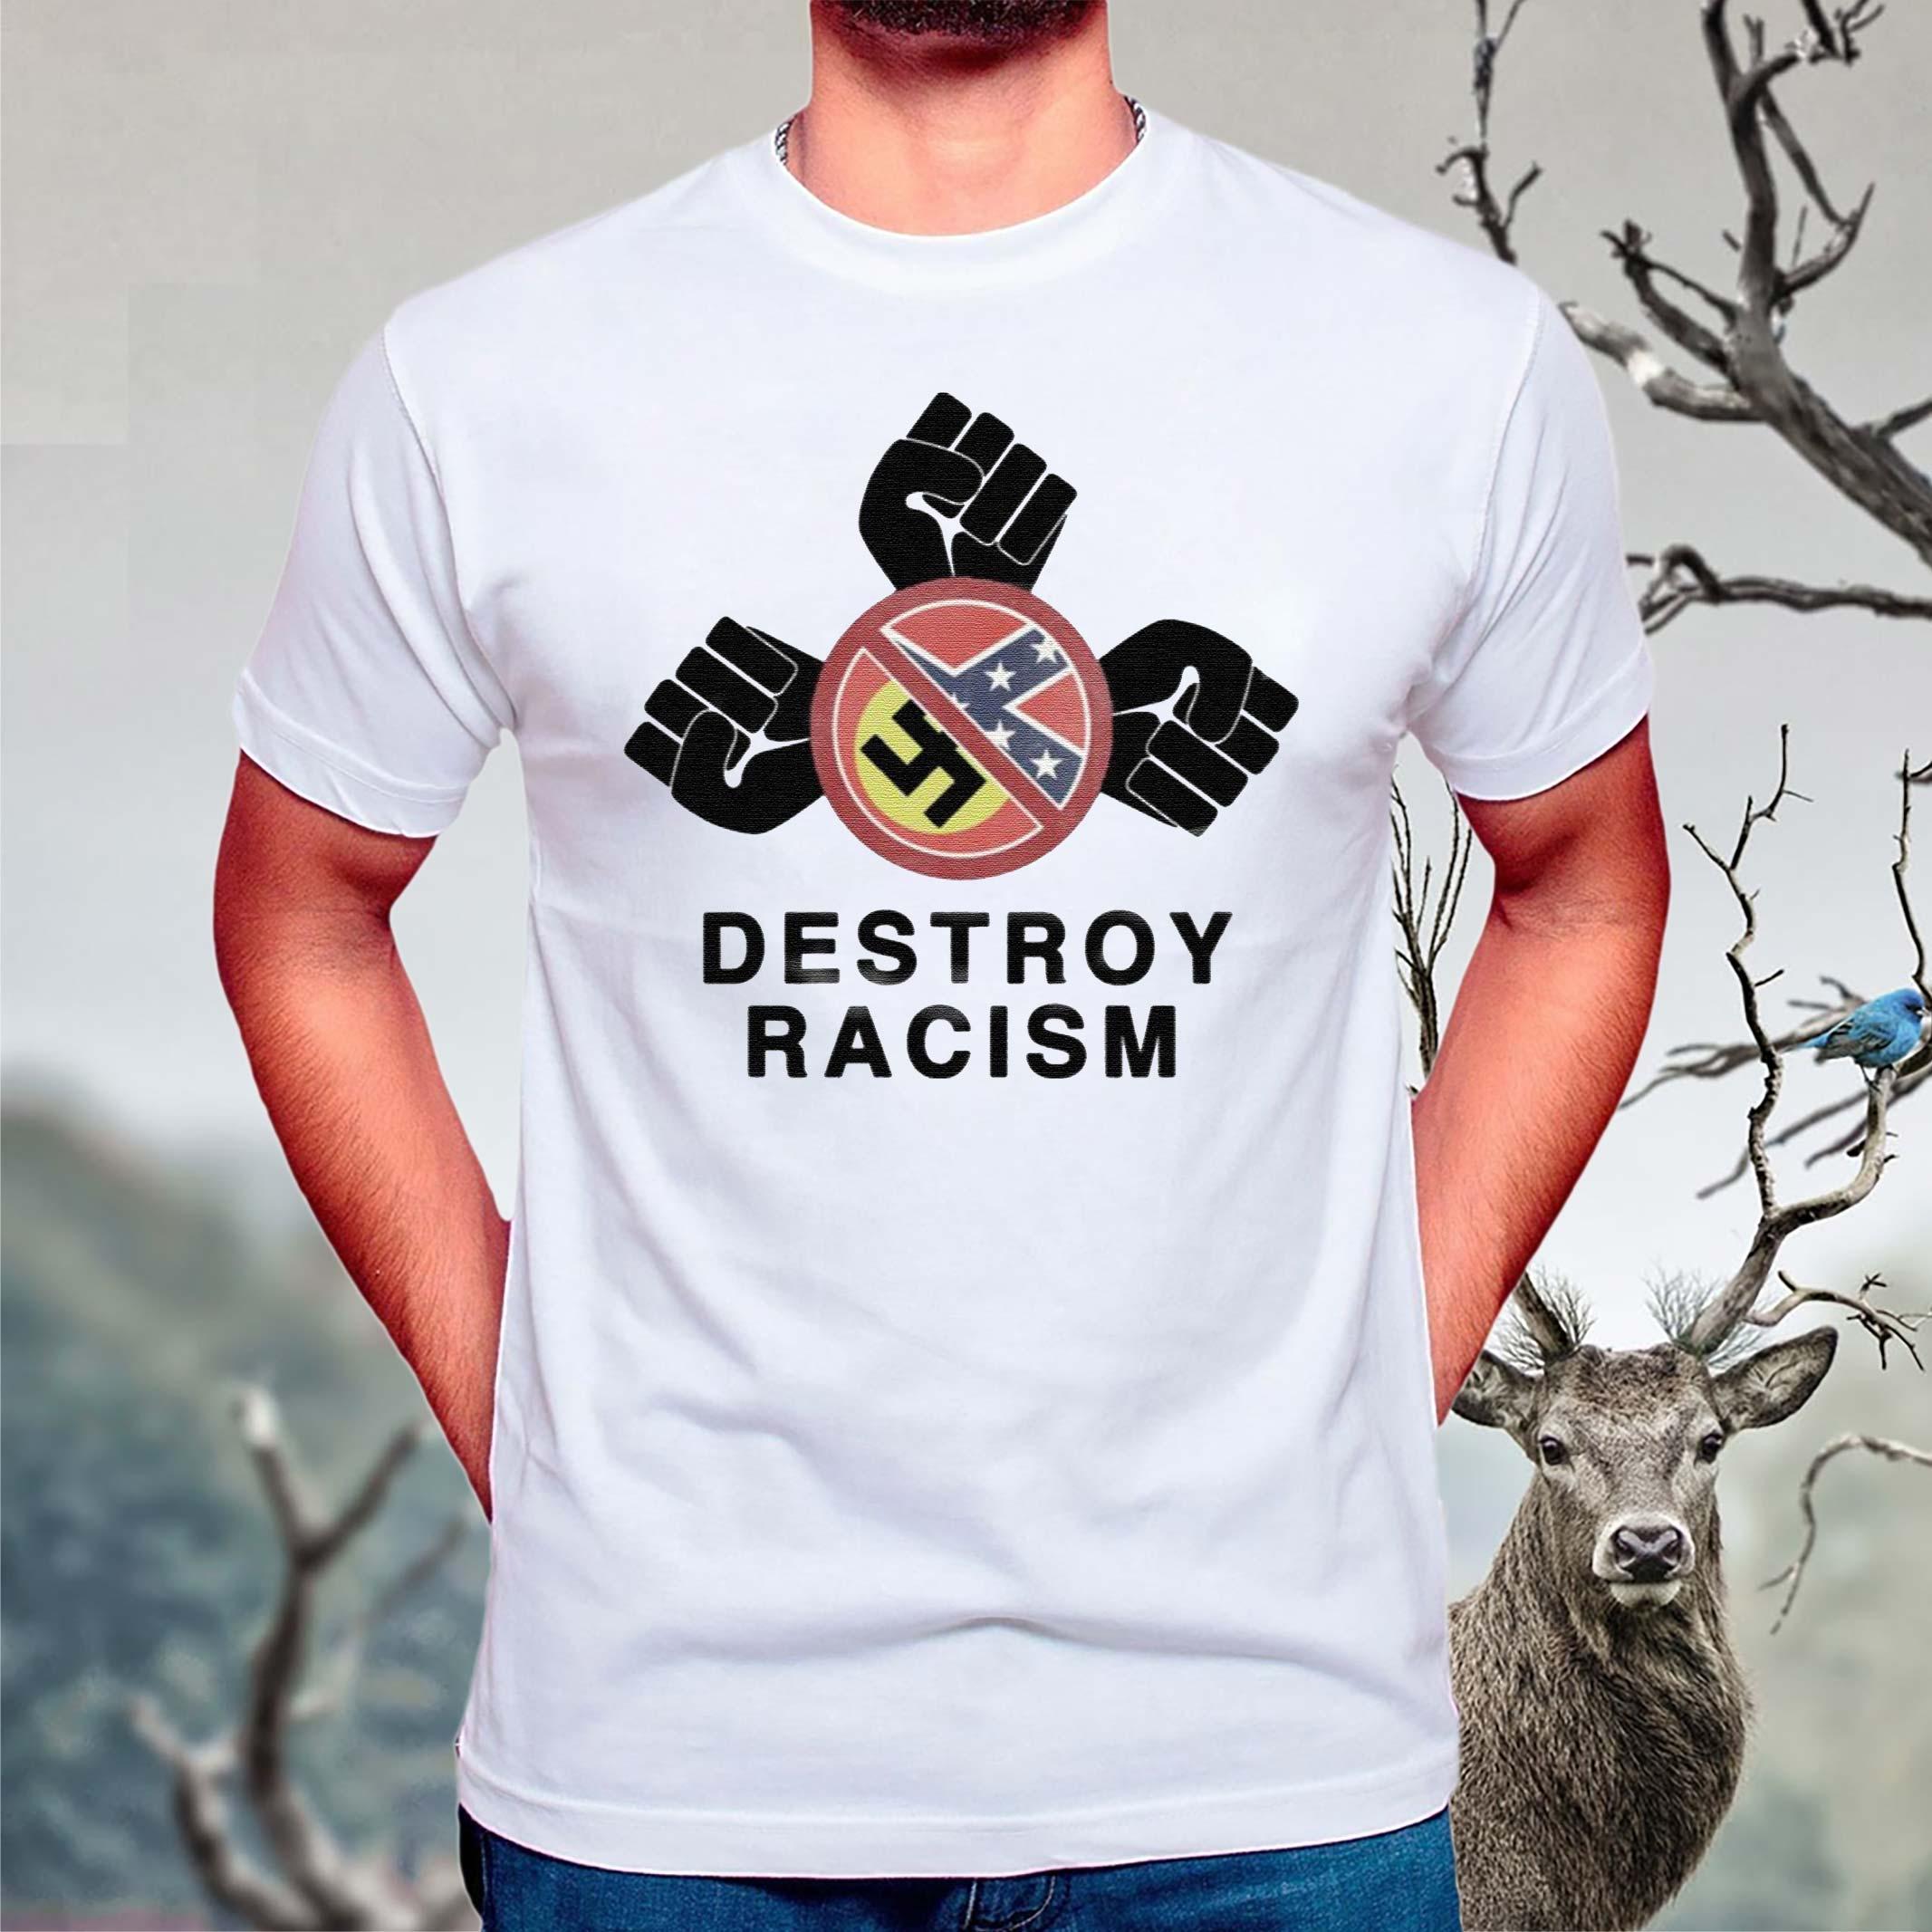 James-Harden-Destroy-Racism-T-Shirt